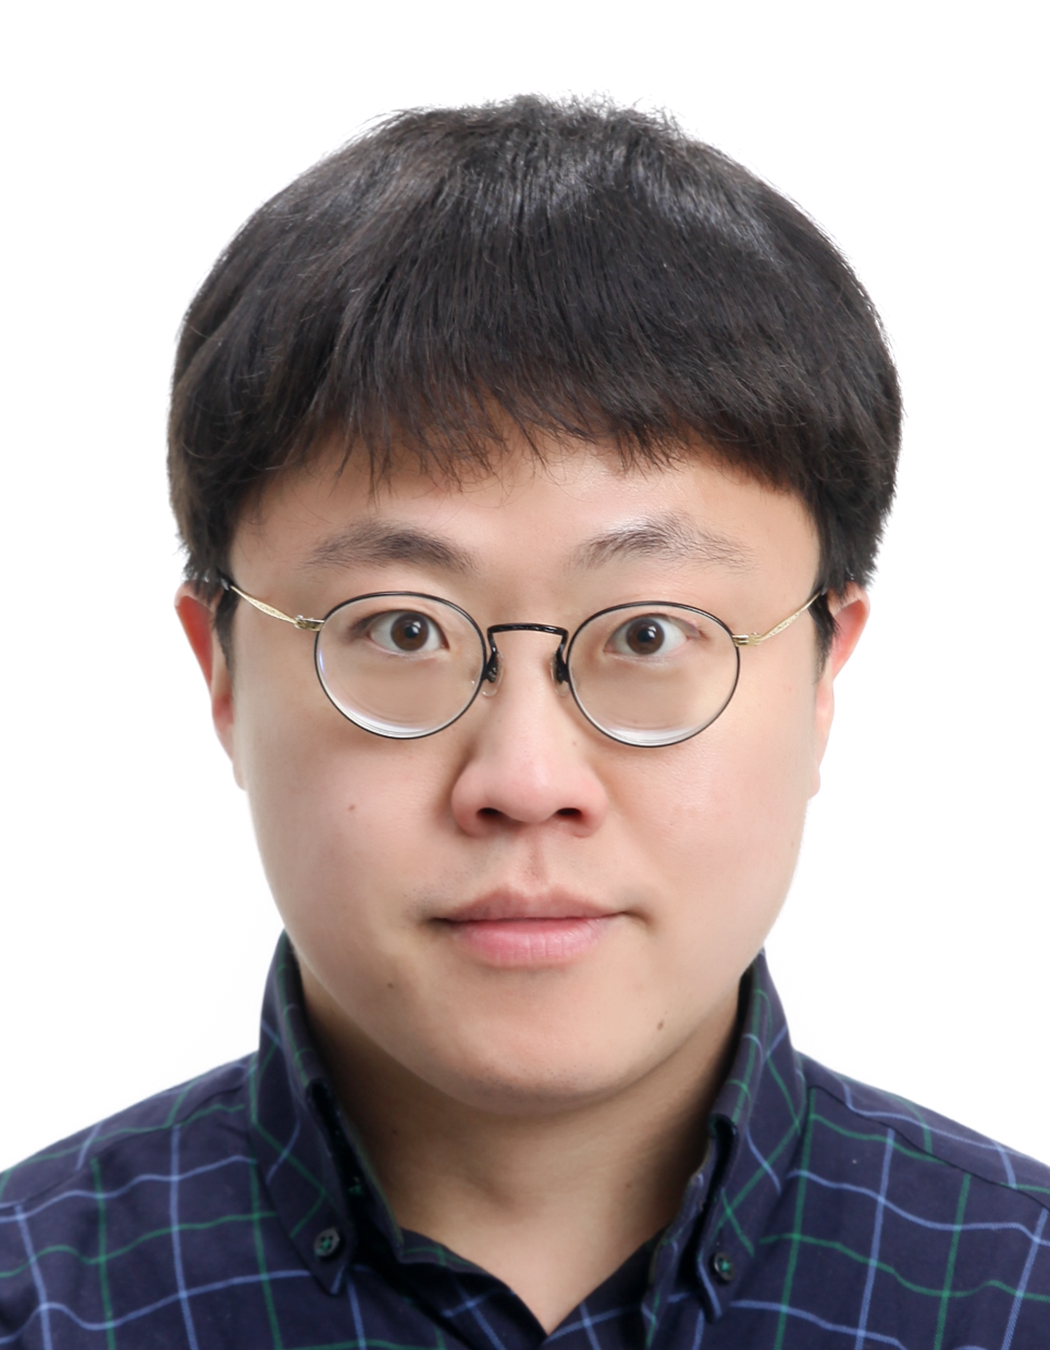 박찬영 교수 사진